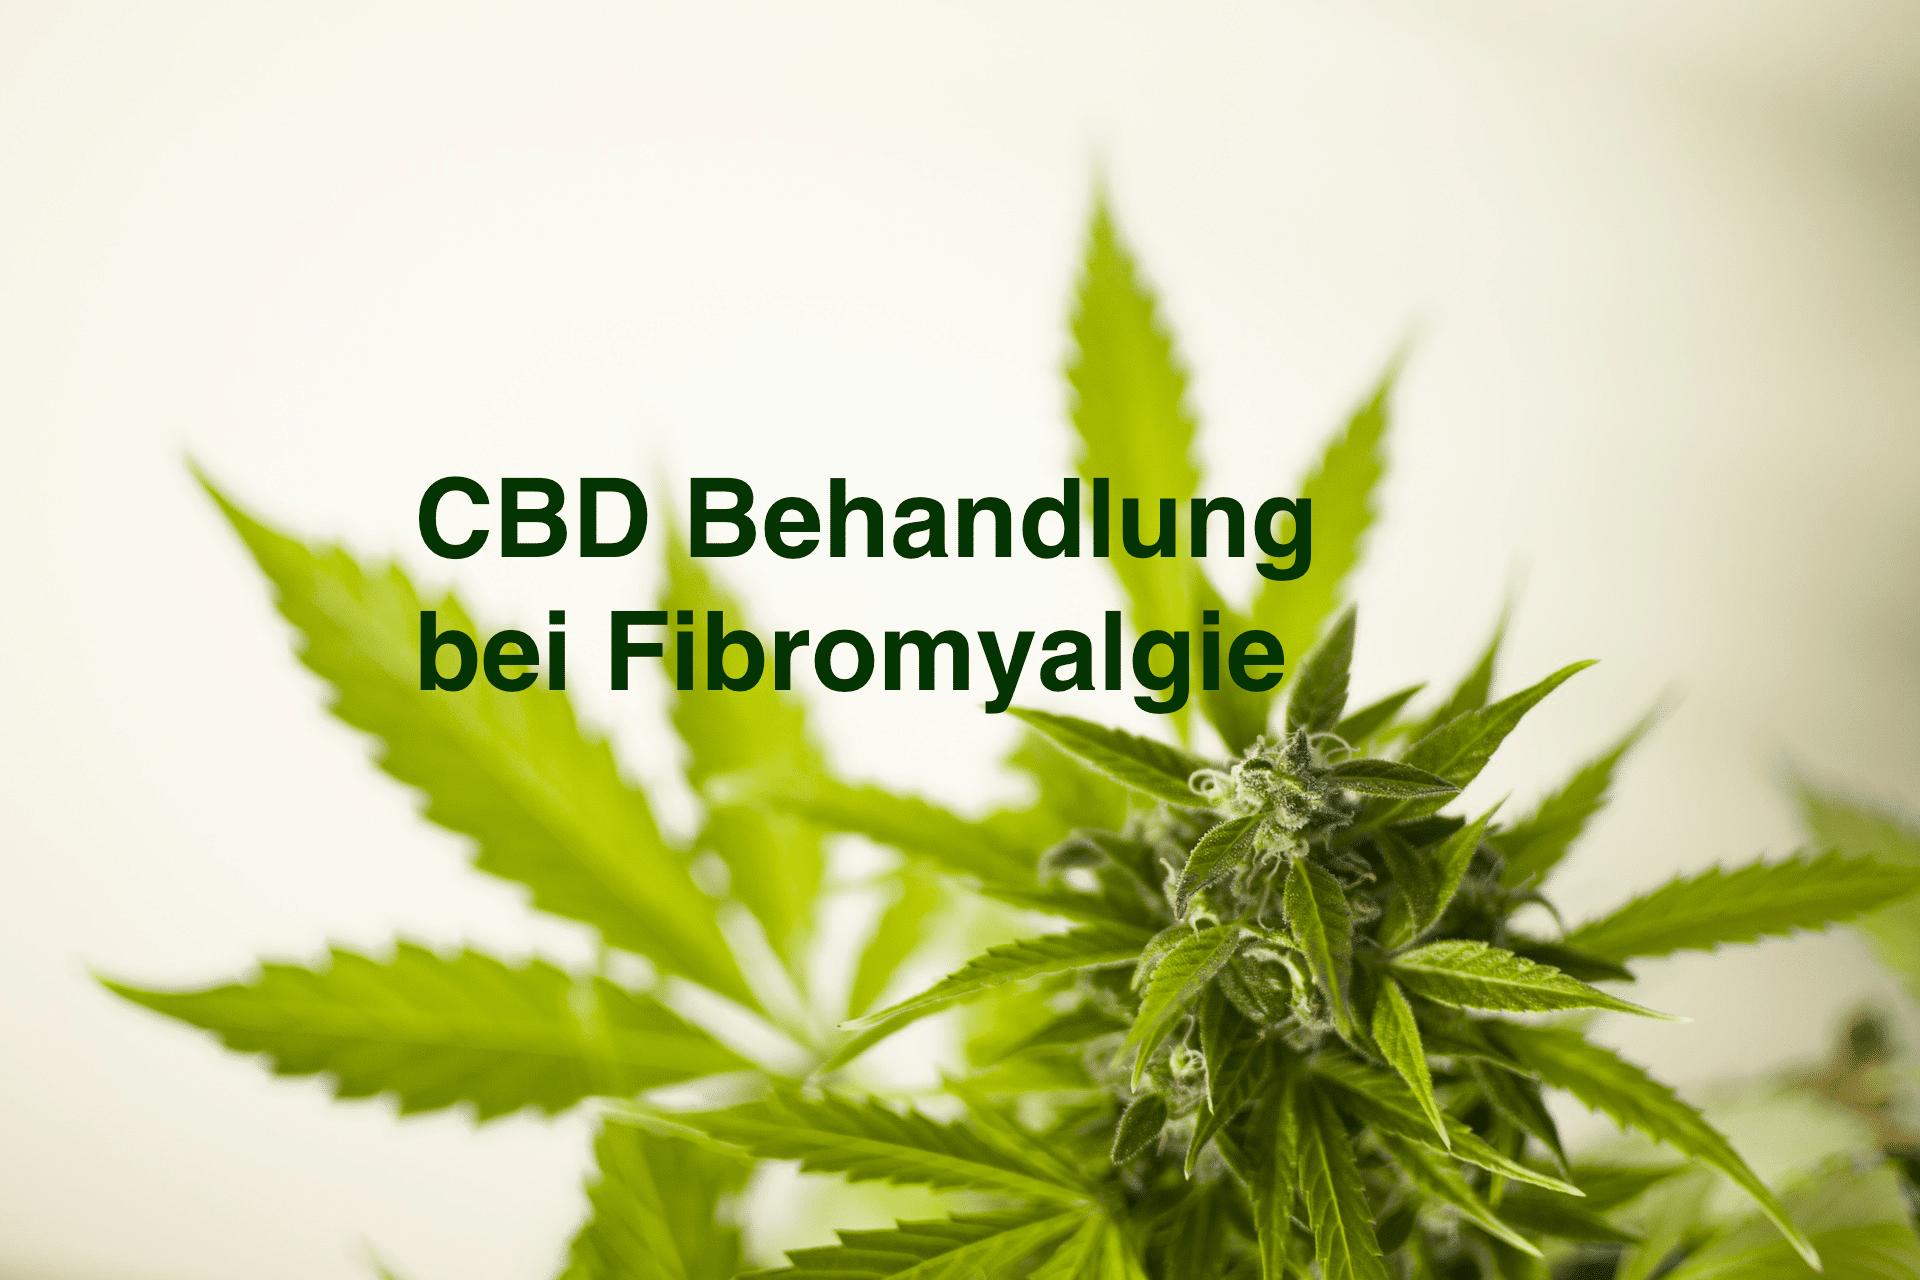 CBD bei Fibromyalgie: Wirkung von Cannabidiol auf die Behandlung von FMS